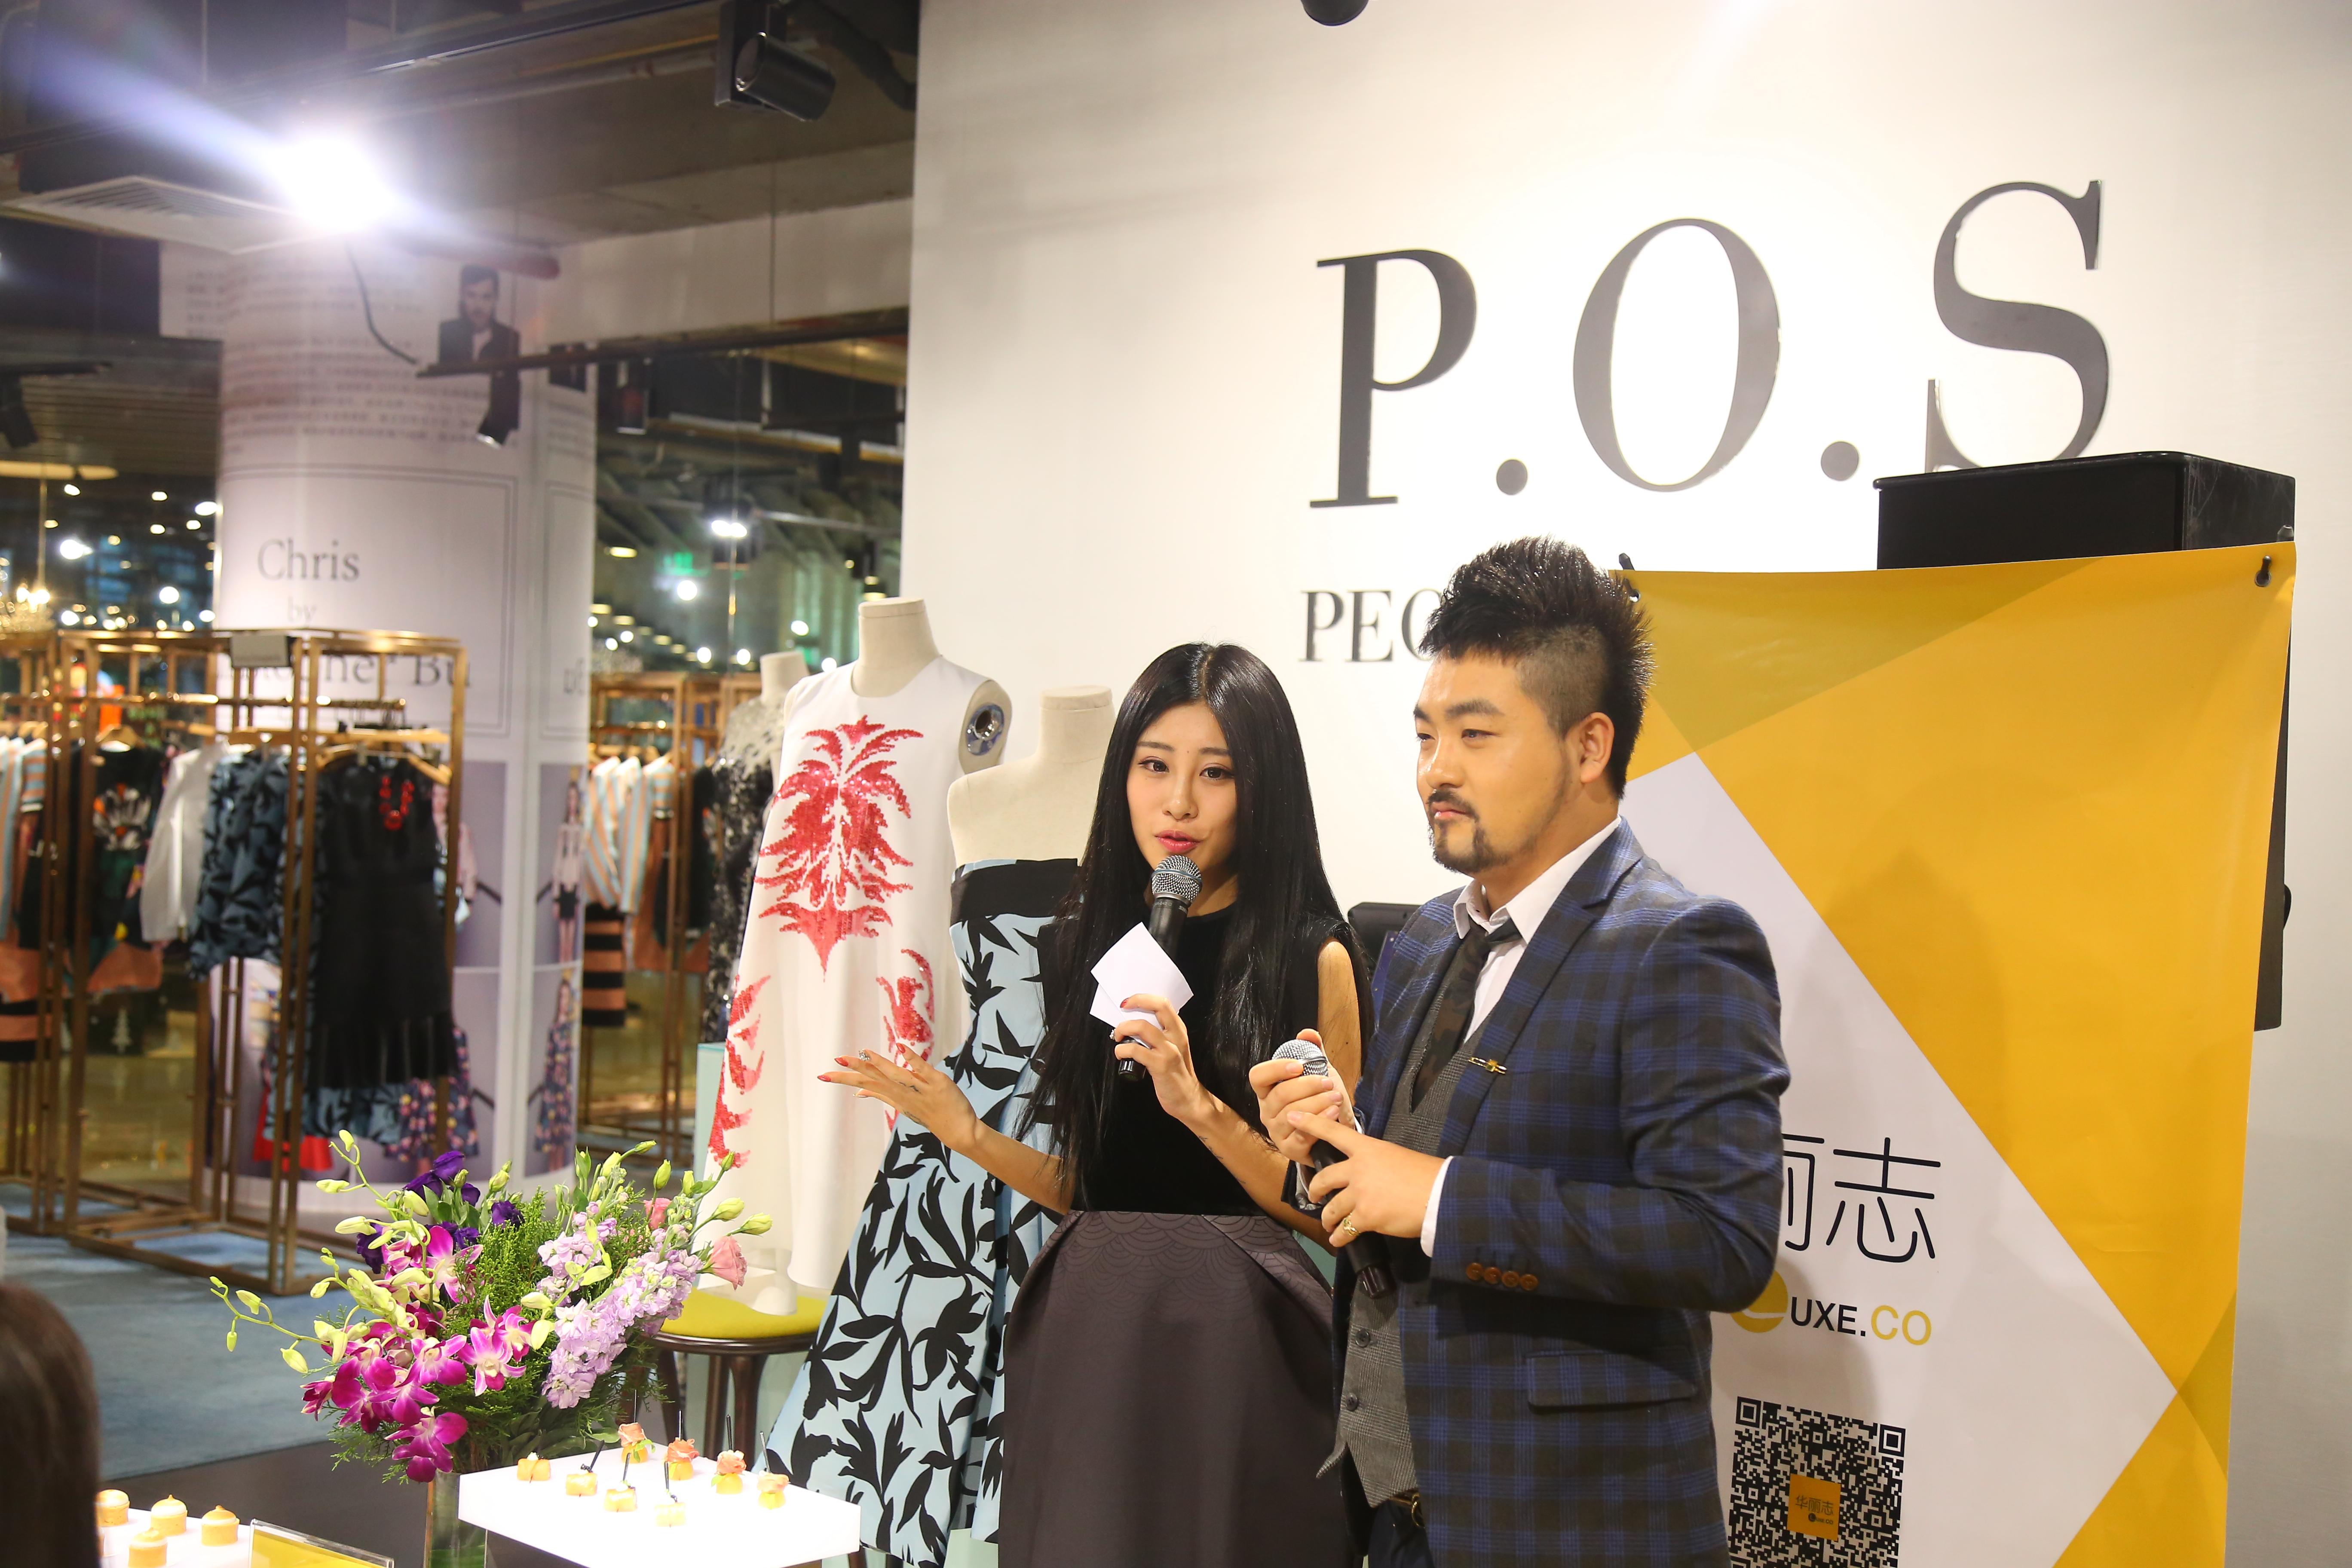 【华丽下午茶】华丽志xP.O.S 活动回顾 华丽志粉丝变身大明星